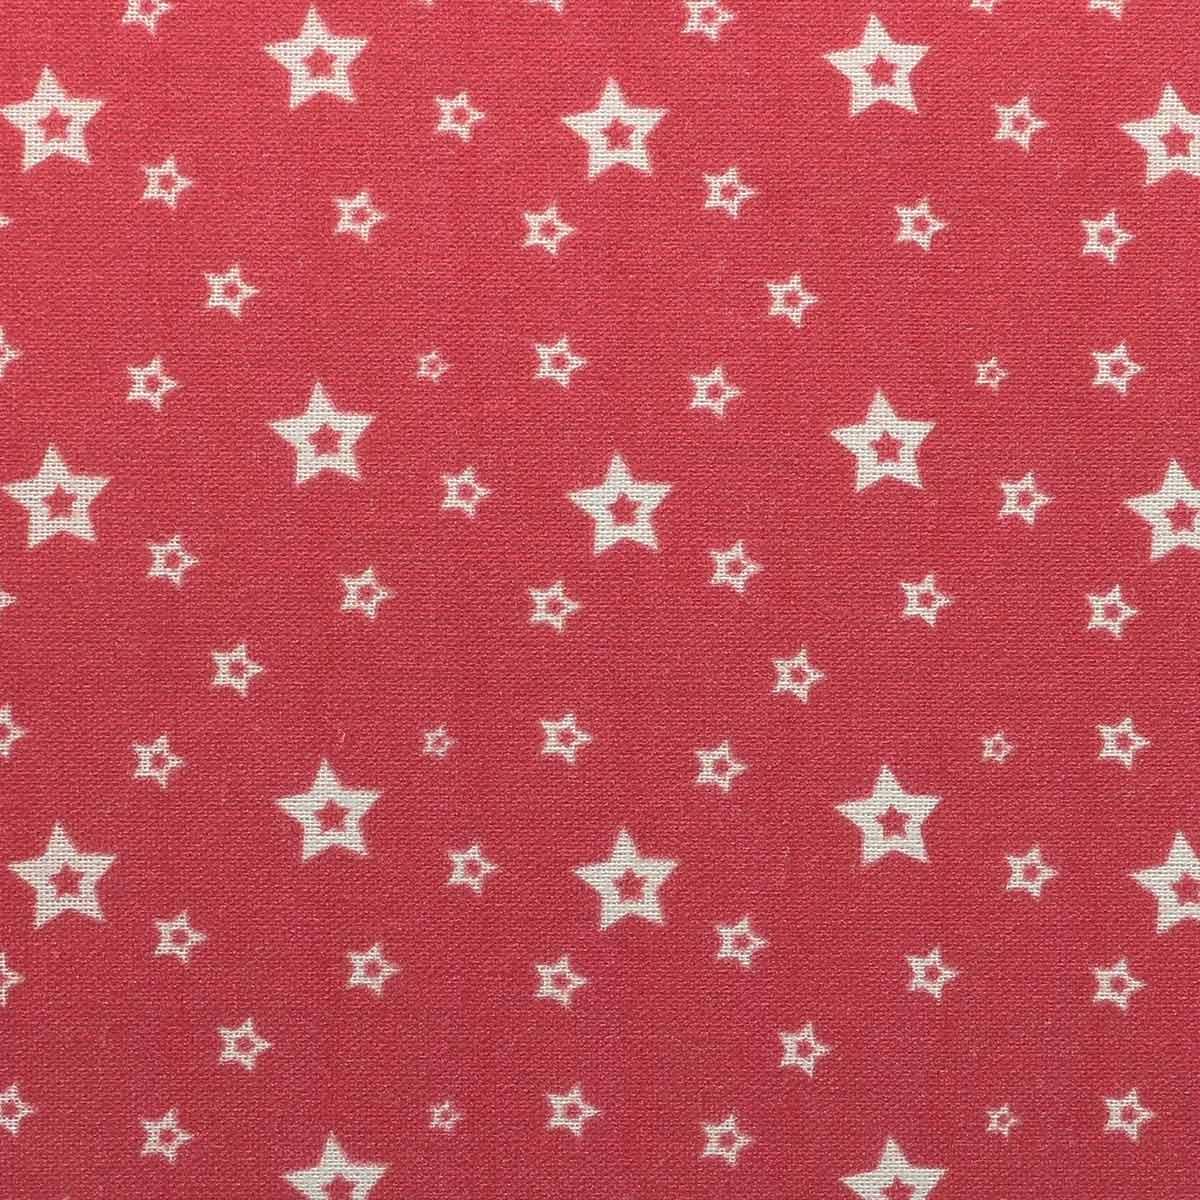 АМ575025 Ткань 'Звезды' №25, 100% хлопок, 120 г/м2, размер 48*50см